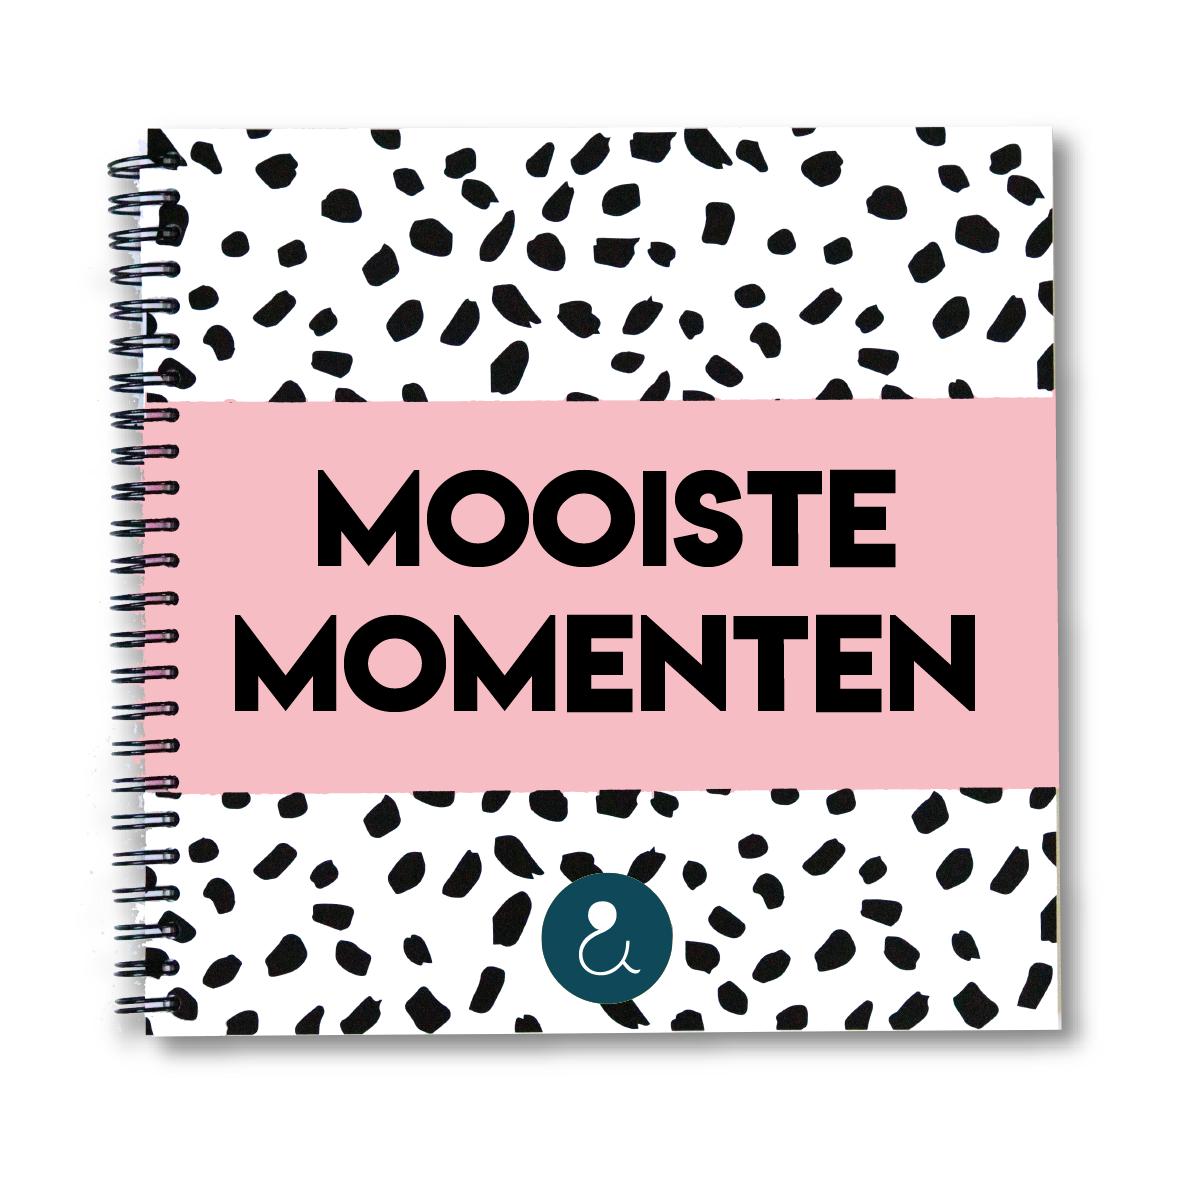 Mooiste Momenten plakboek | roze